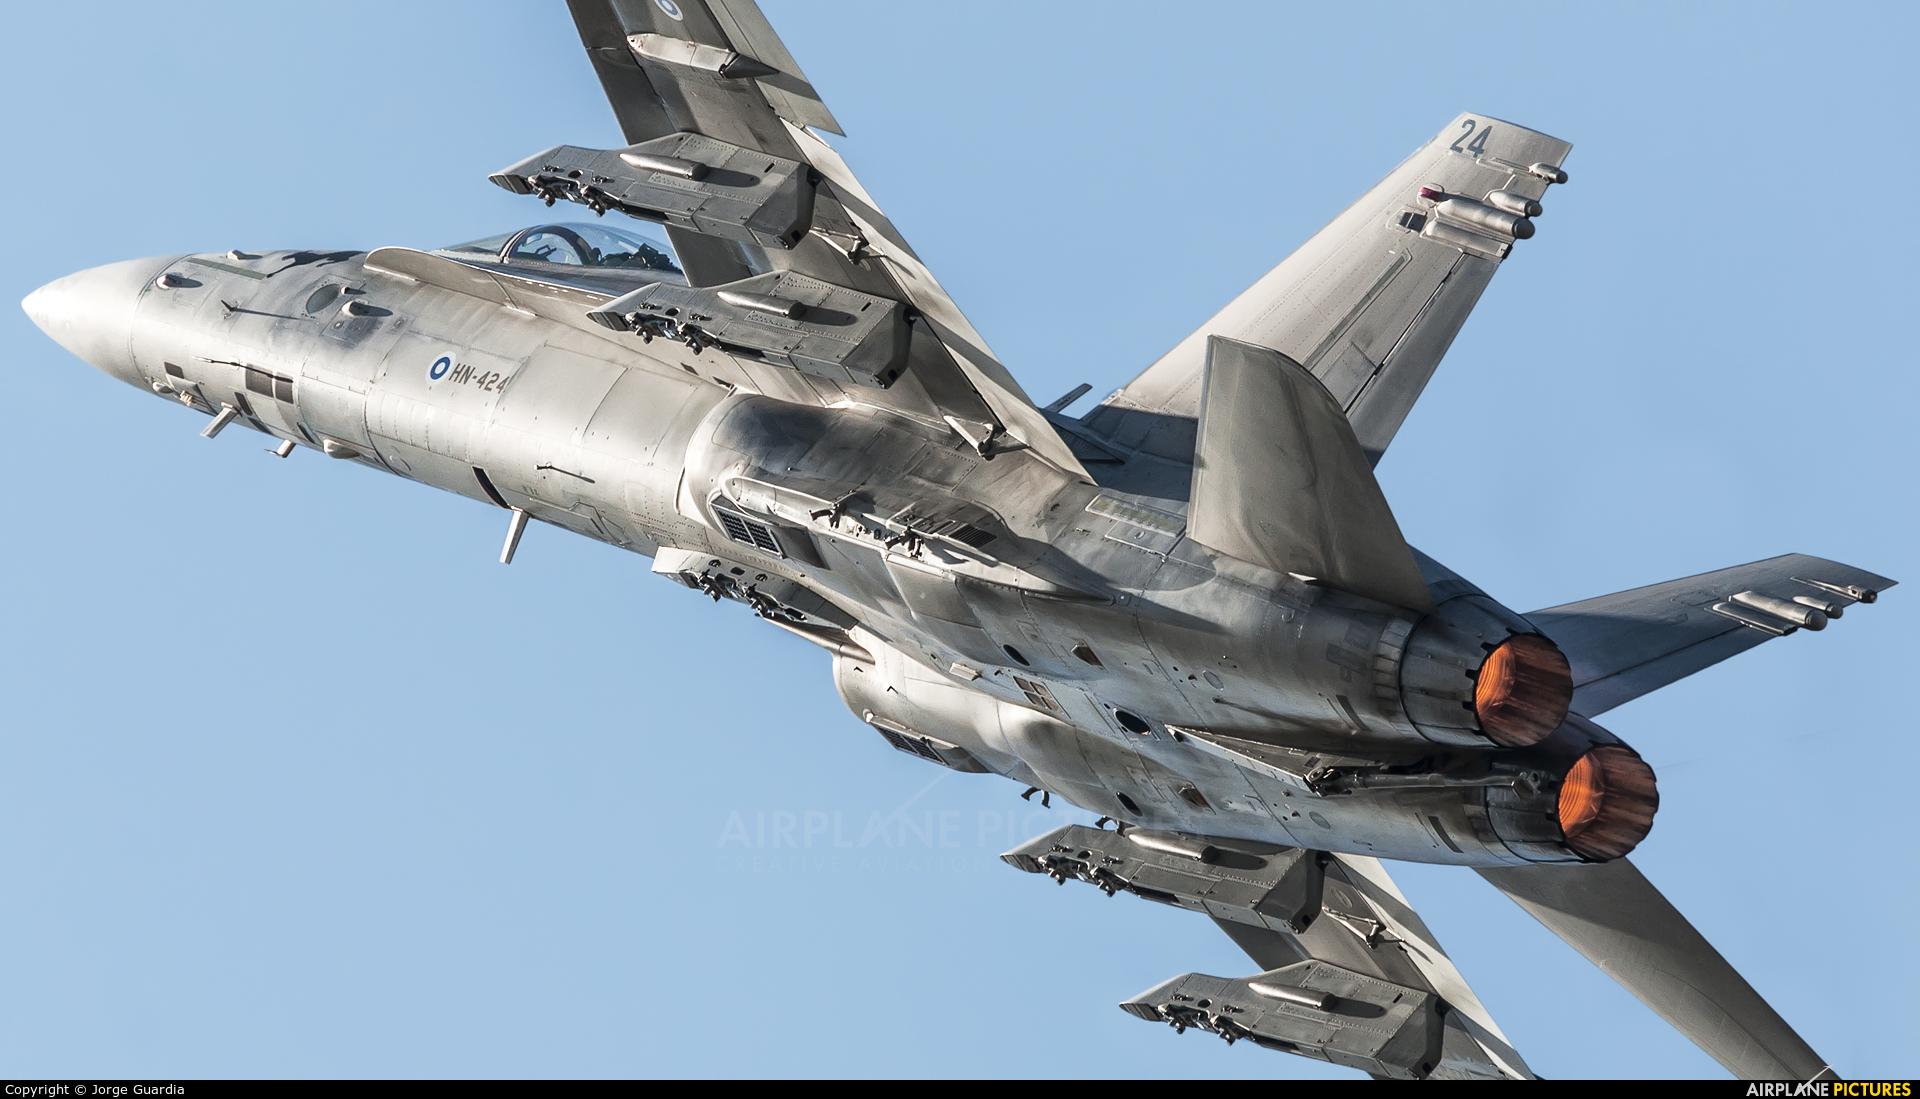 Finland - Air Force HN-424 aircraft at Fairford